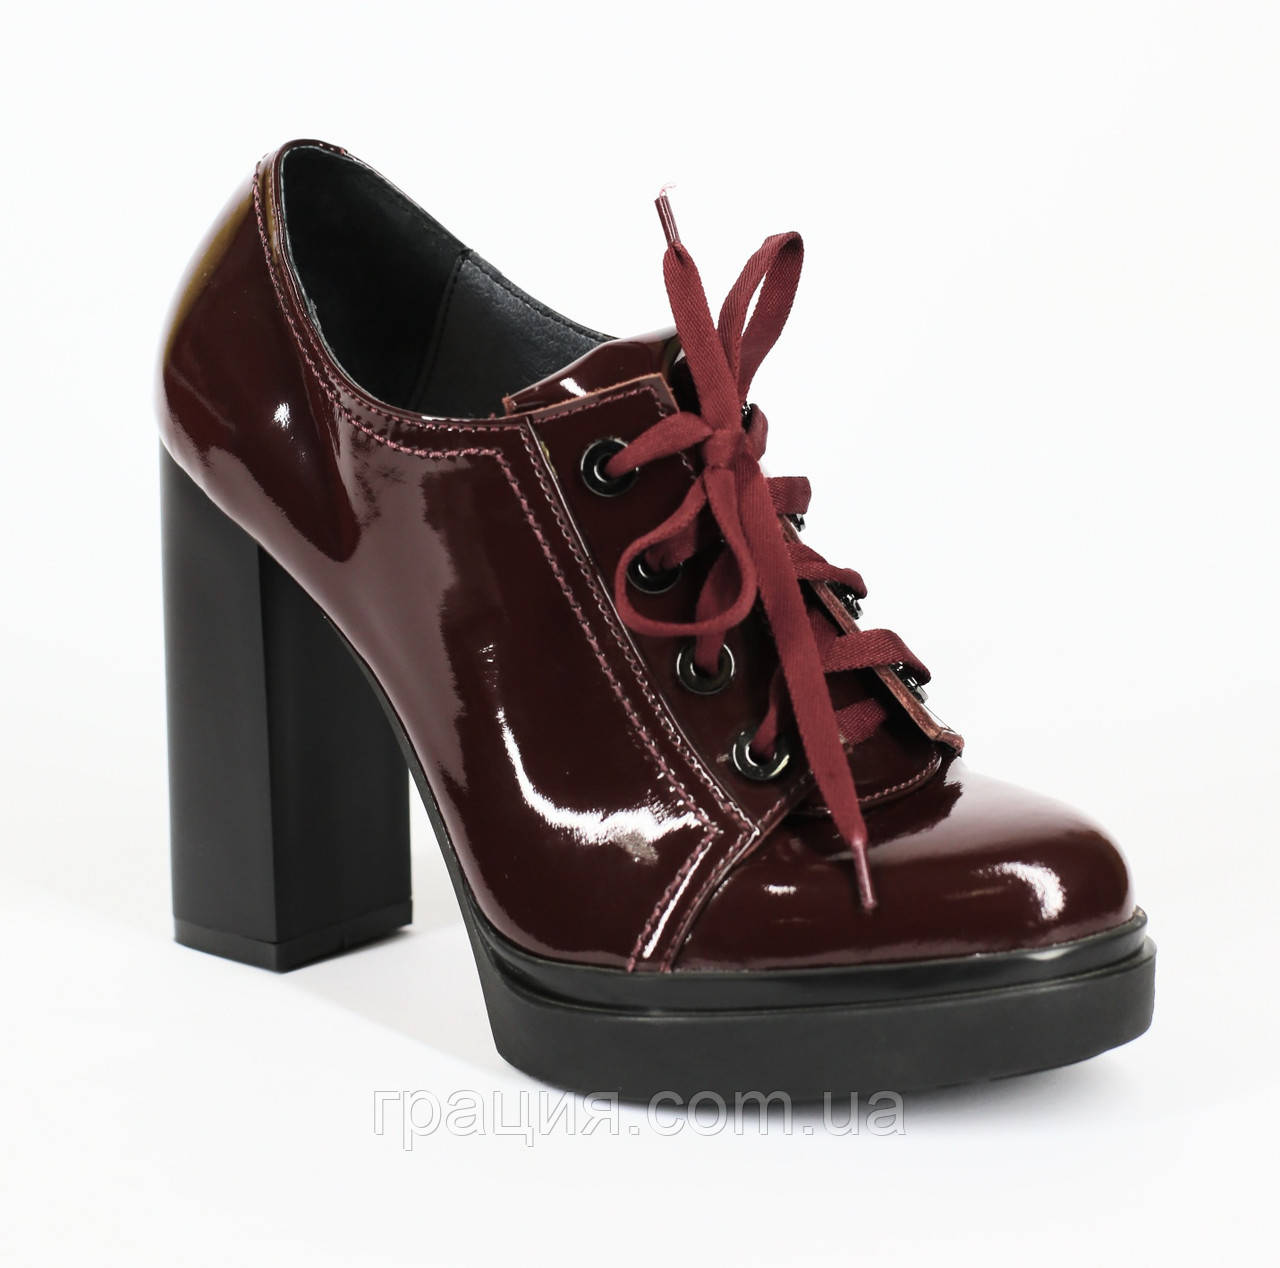 Модные лаковые-натуральные туфли на высоком каблуке со шнуровкой бордовые